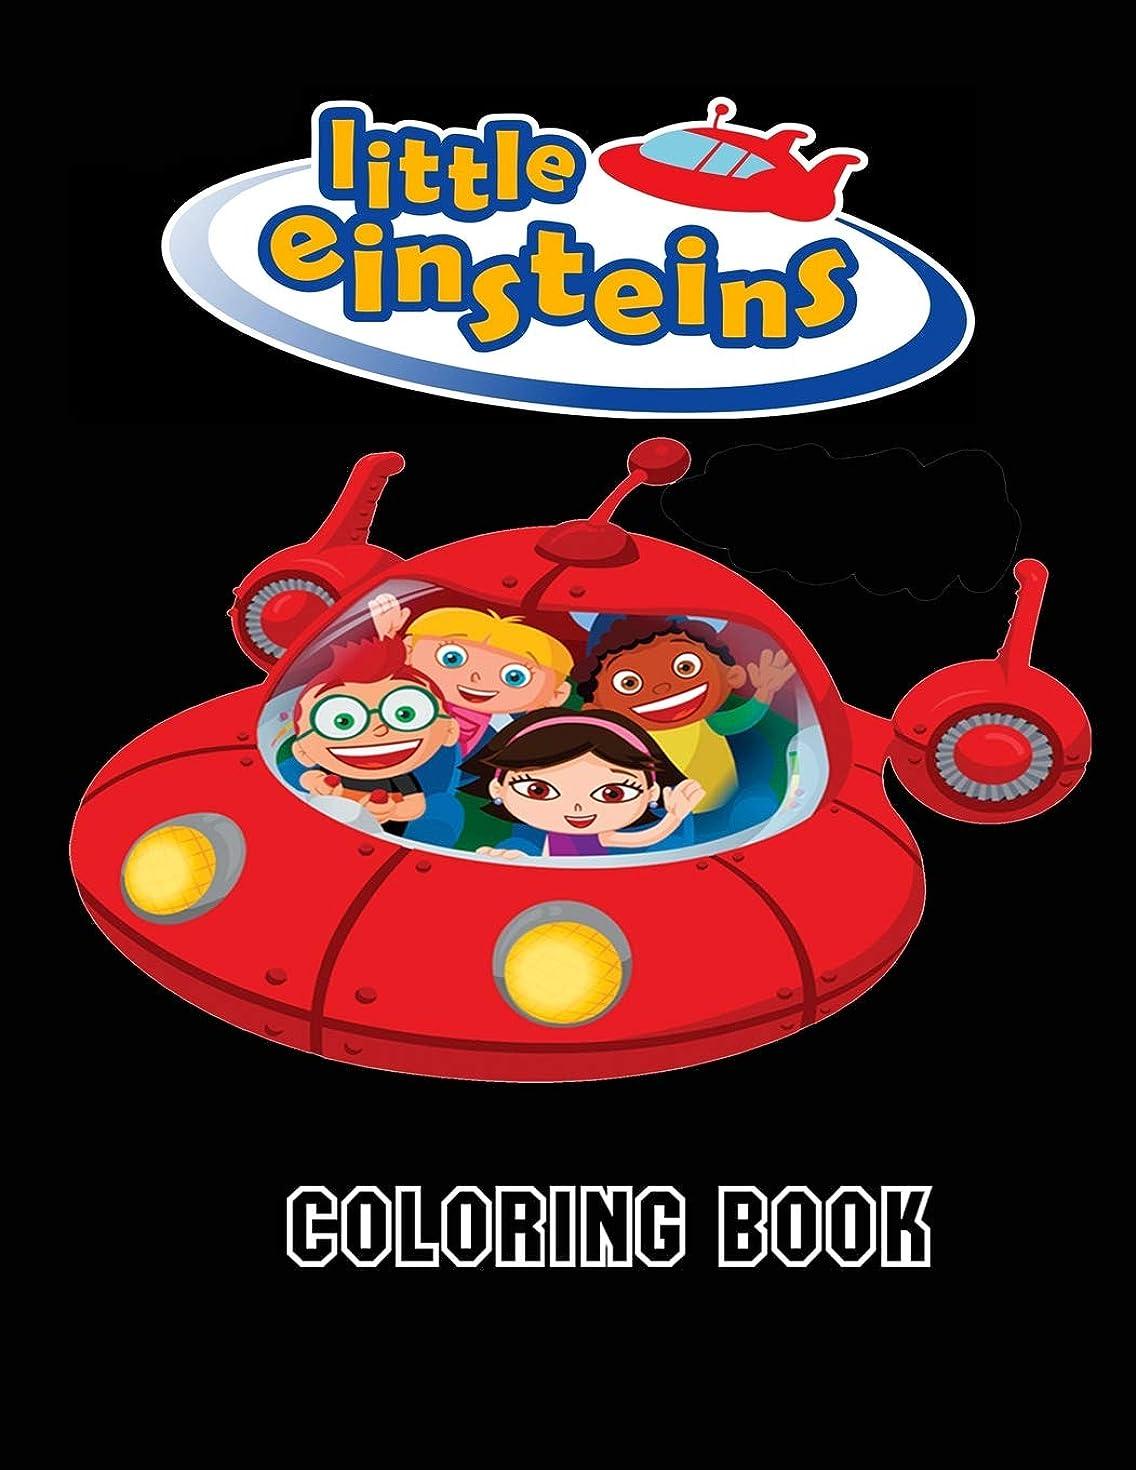 奨励酒紳士気取りの、きざなLittle Einsteins Coloring Book: Coloring Book for Kids and Adults, This Amazing Coloring Book Will Make Your Kids Happier and Give Them Joy